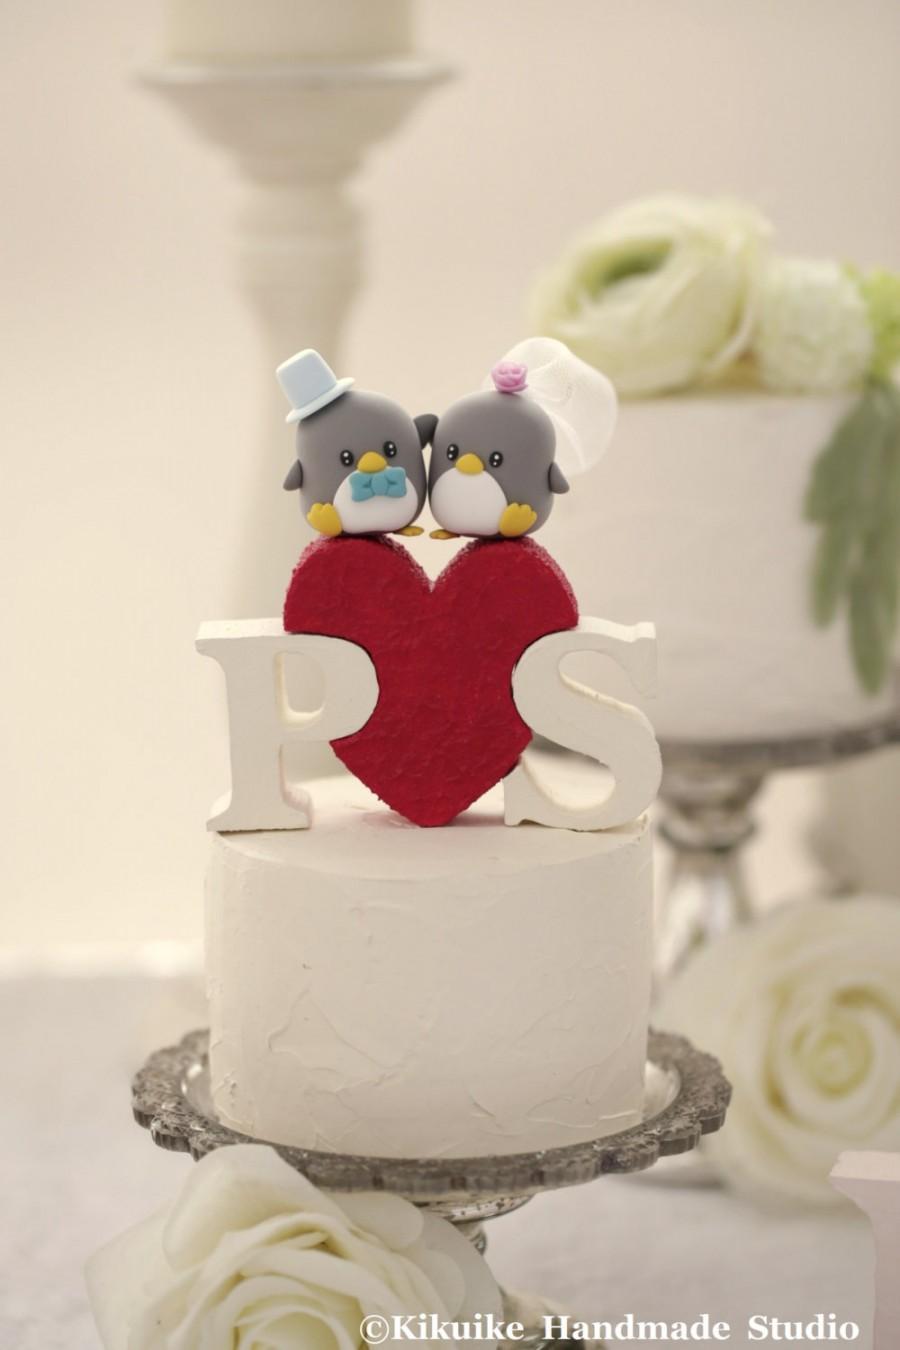 Dekor - Penguins Wedding Cake Topper (K442) #2428753 - Weddbook